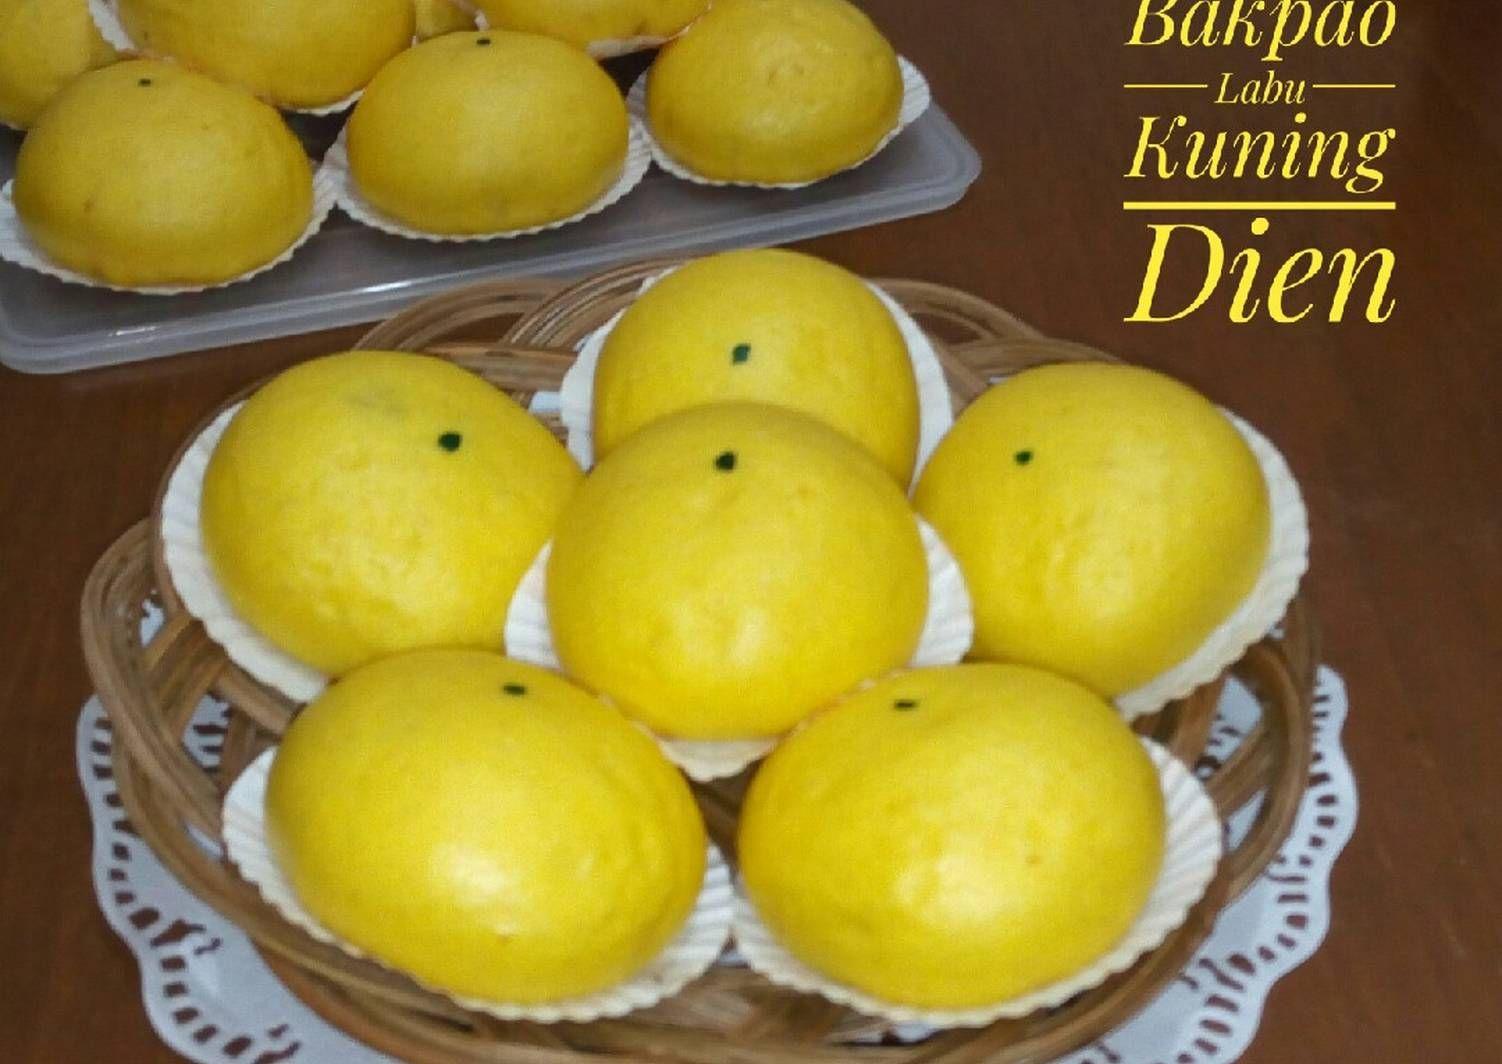 Resep Bakpao Labu Kuning Oleh Dapur Dien Resep Resep Resep Labu Kuning Labu